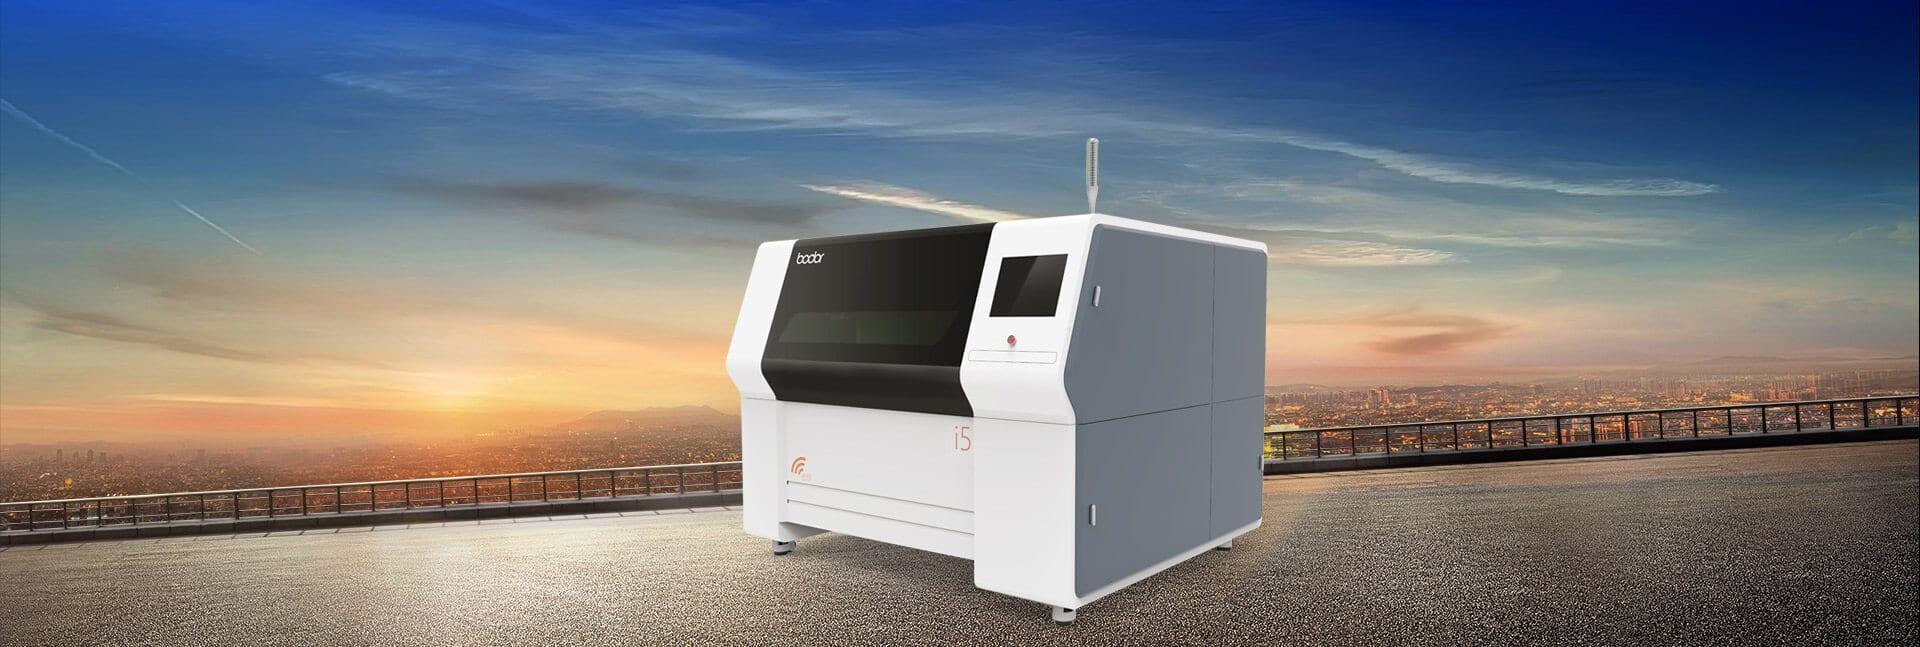 прецизен лазер i5